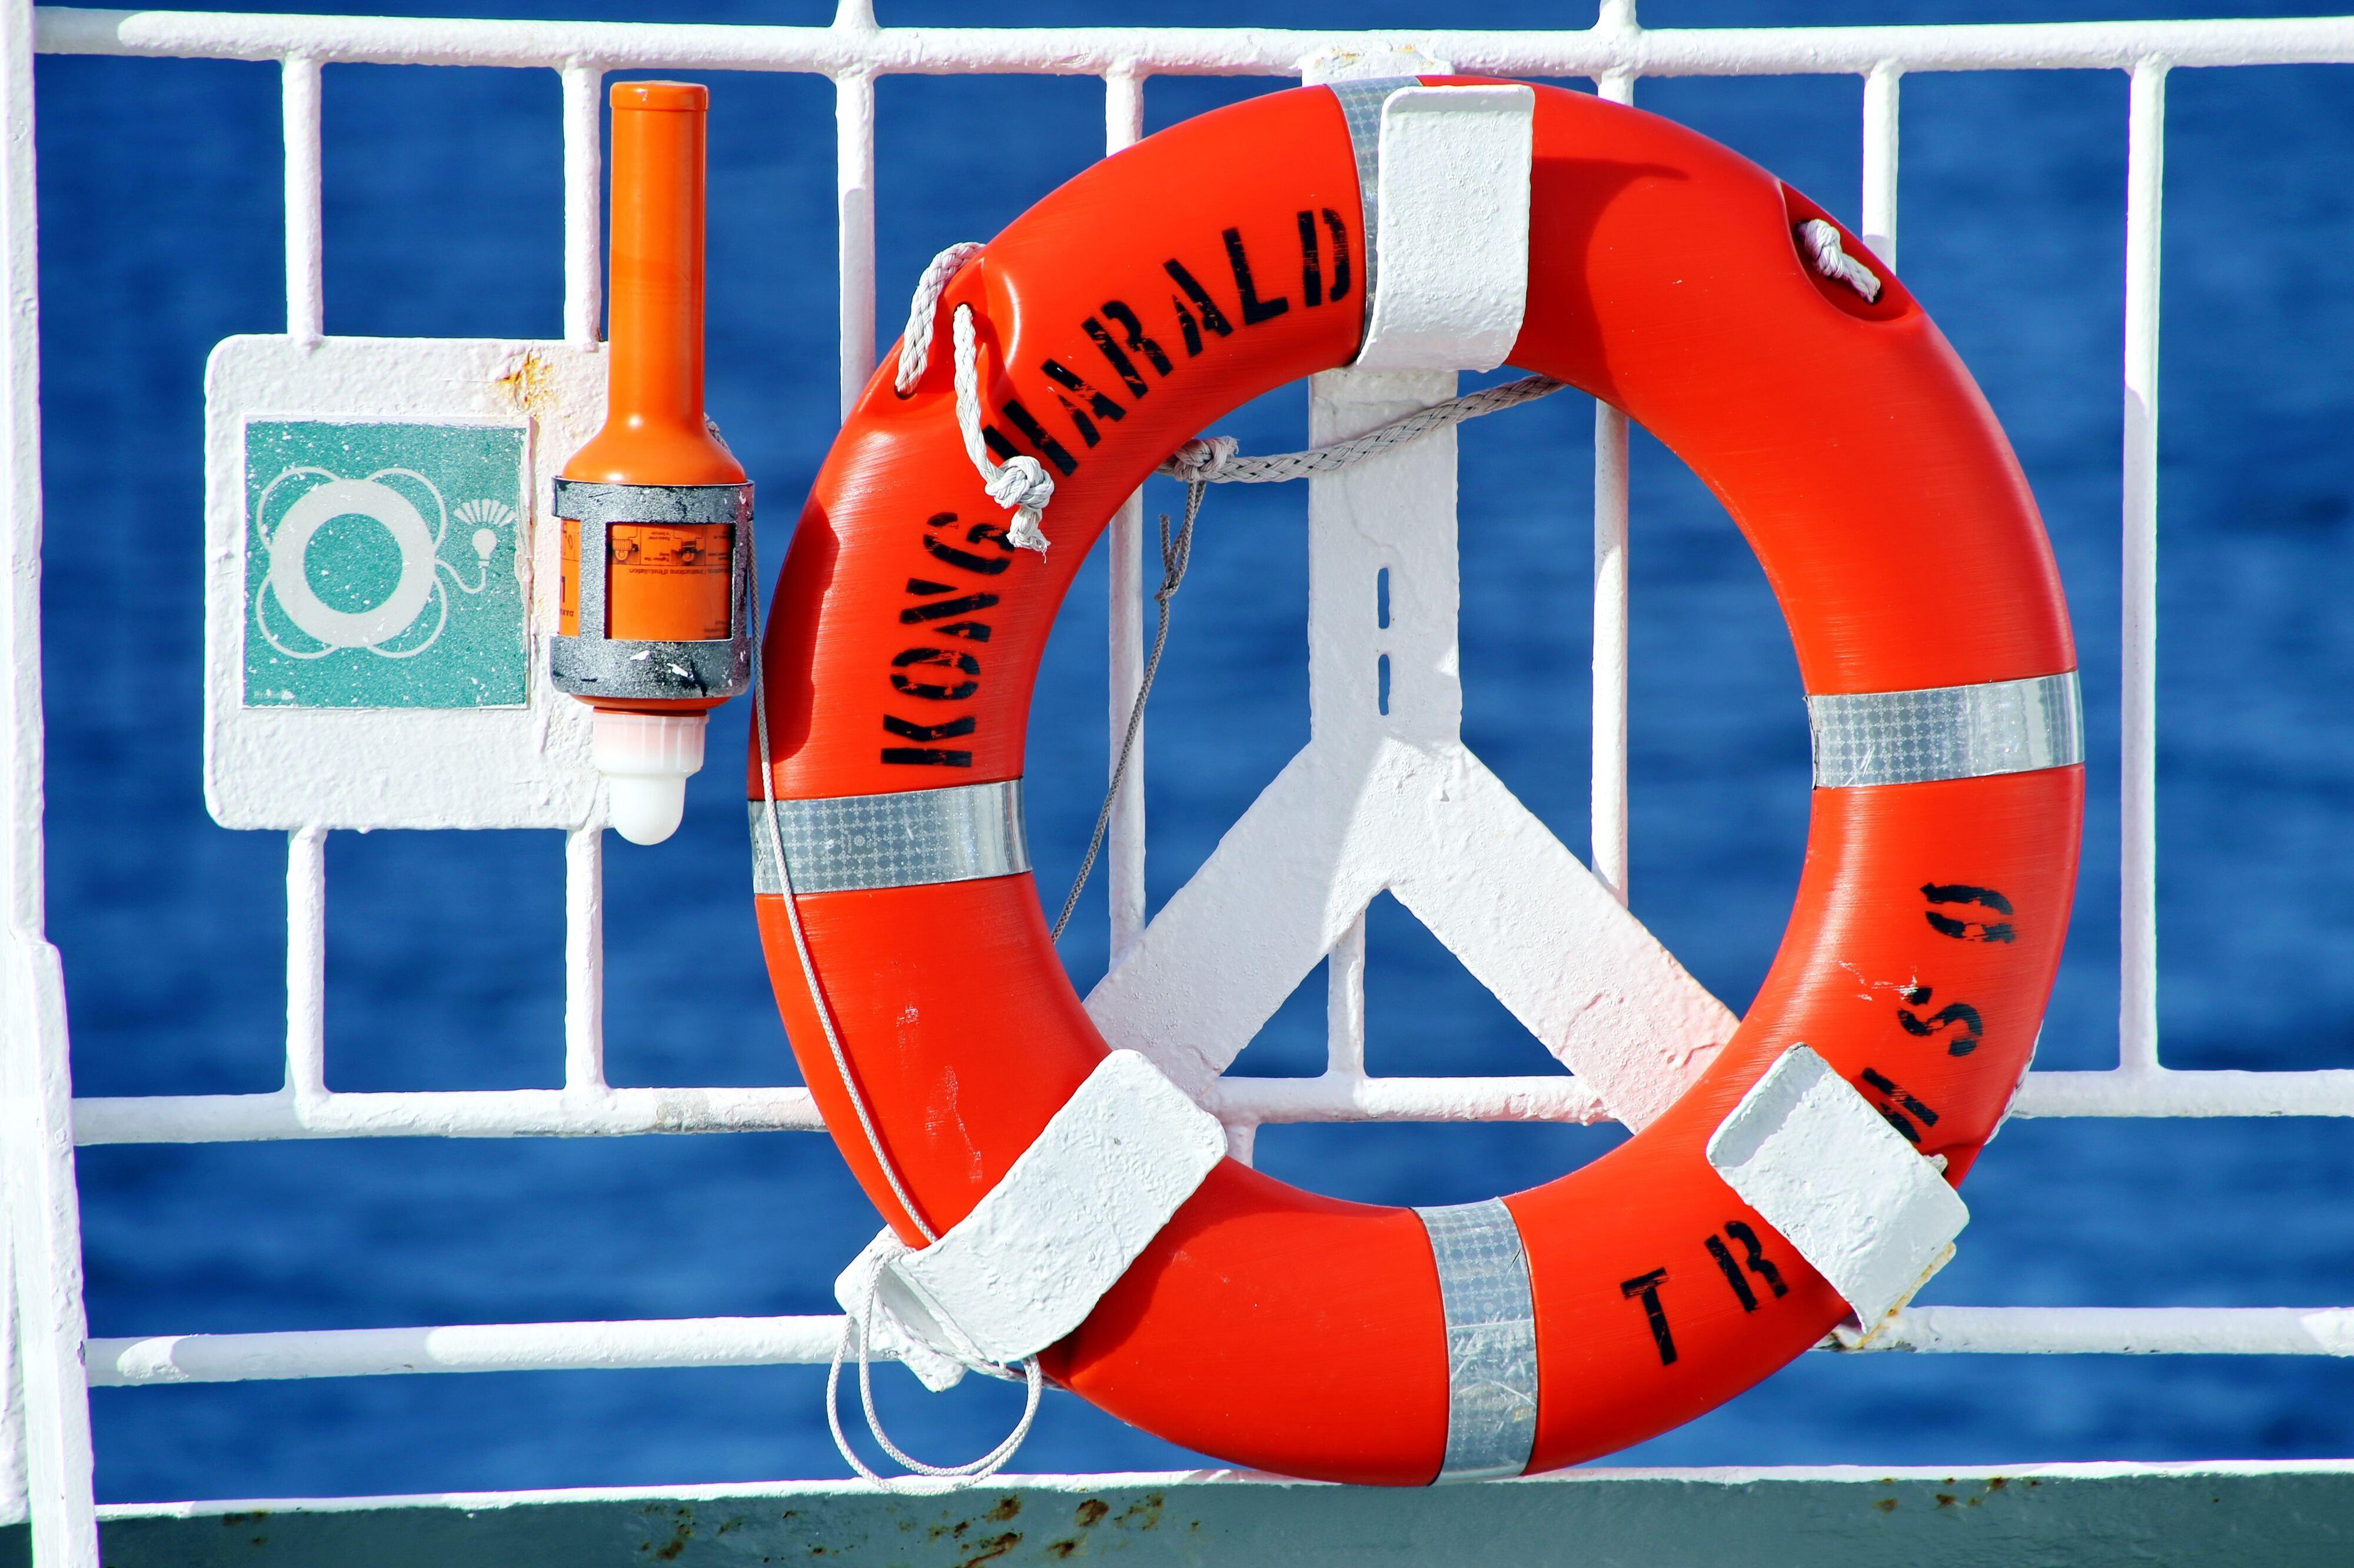 Il progetto Safety Beach